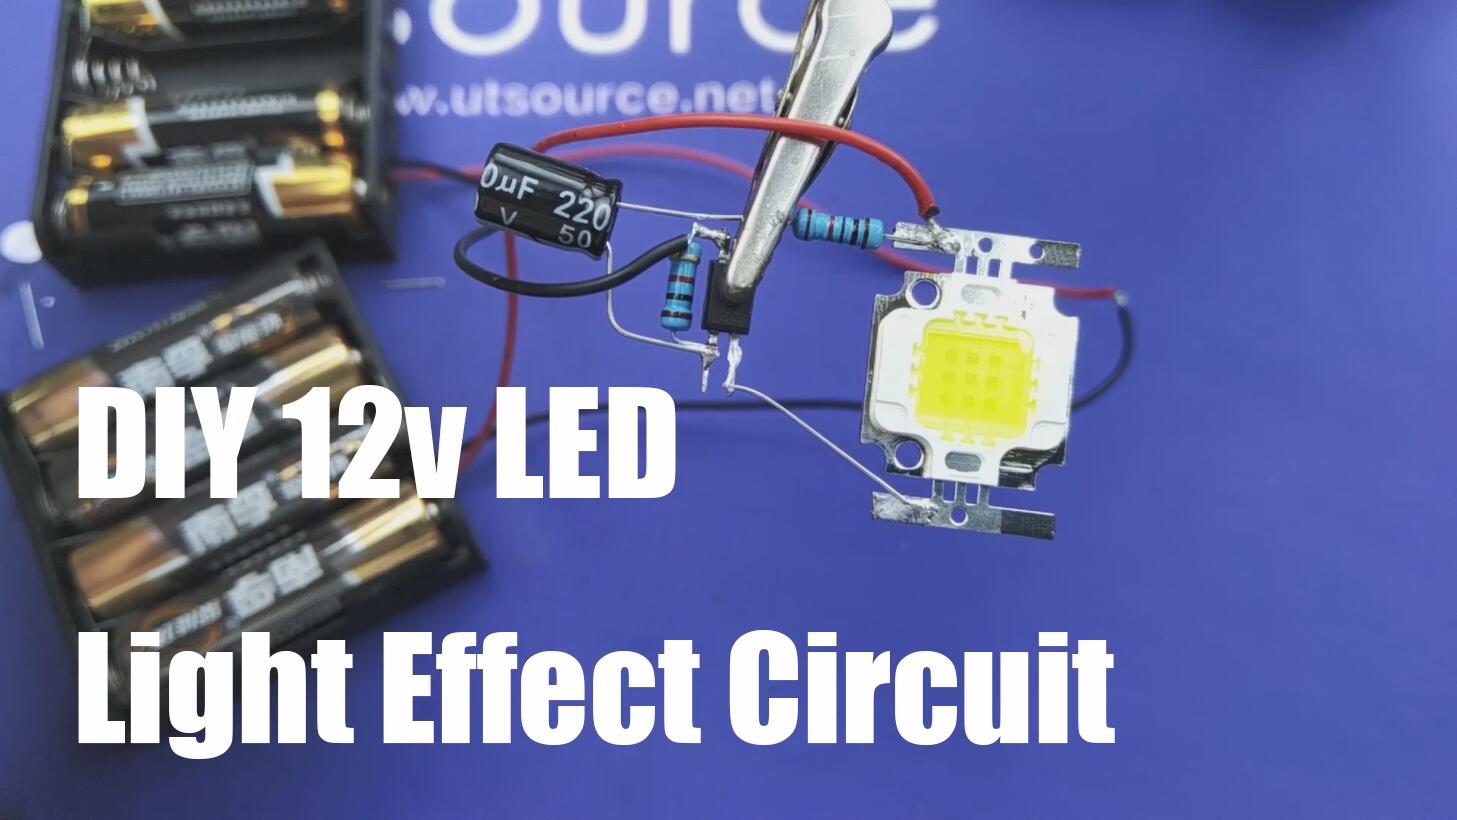 Comprar componentes electrónicos, IC, módulos y triodos en